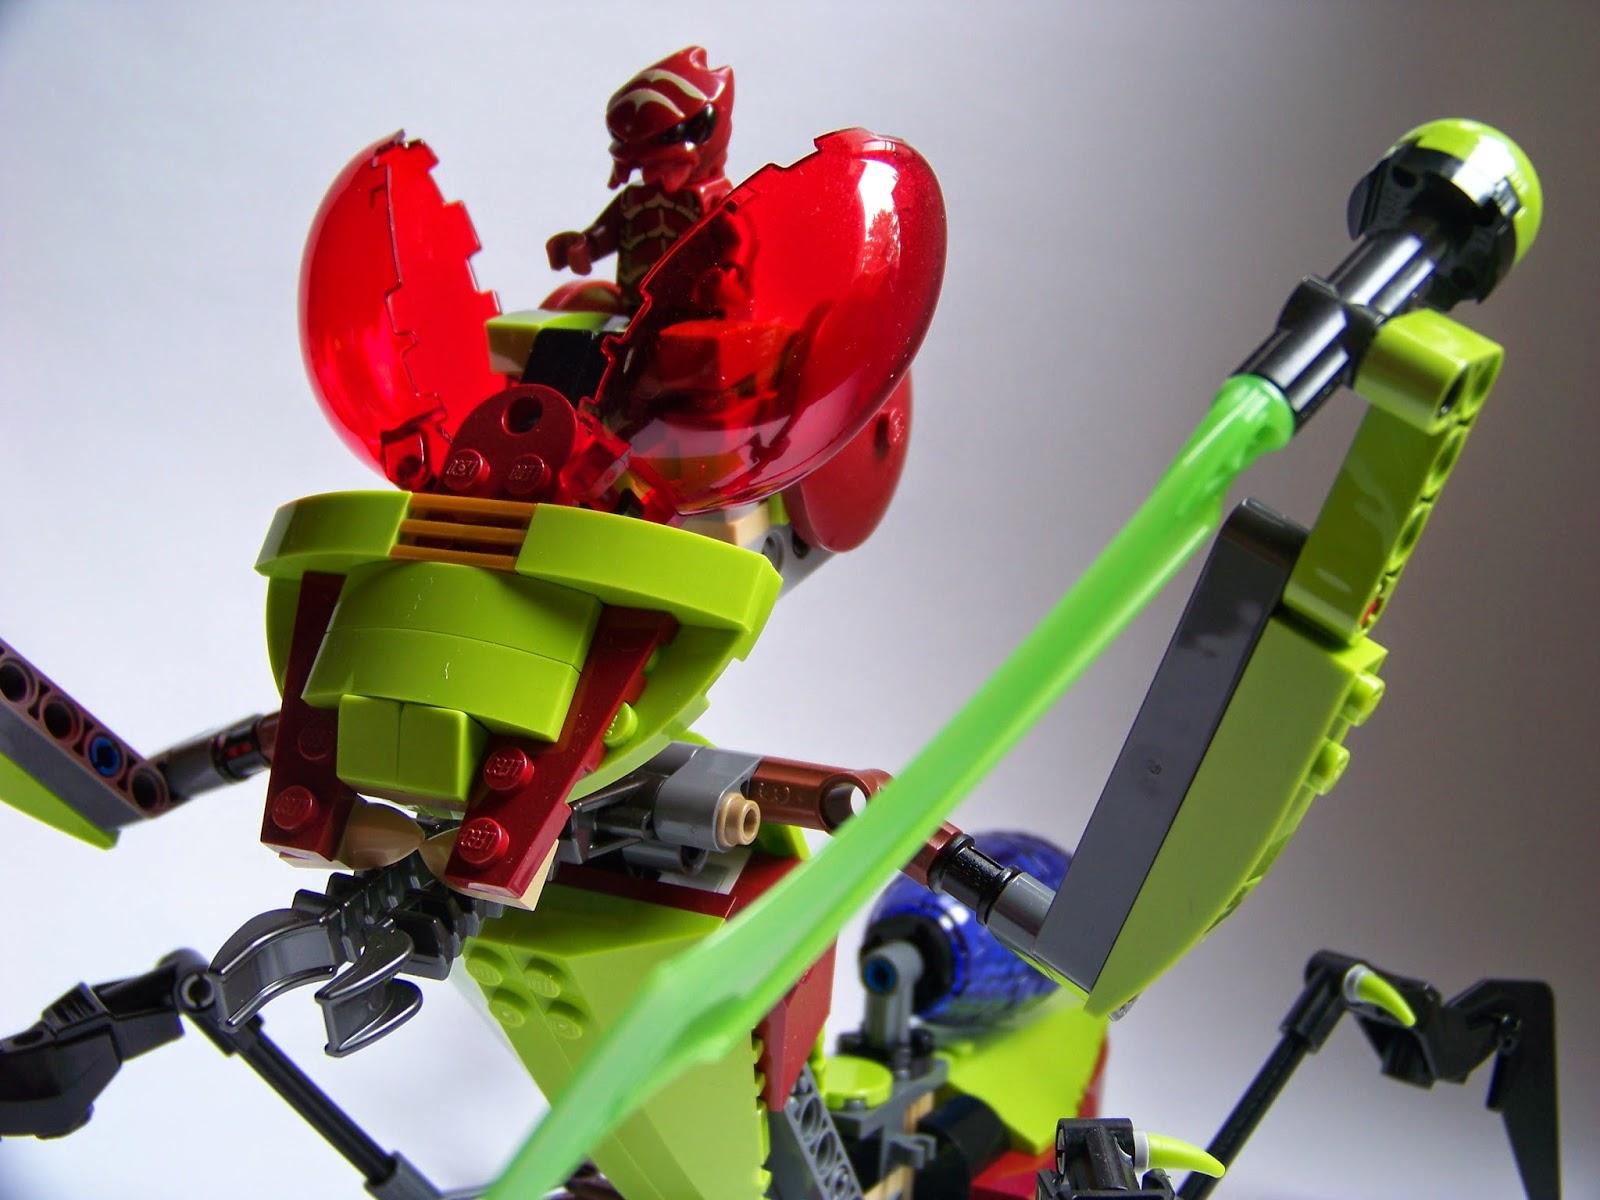 LEGO red Buggoid alien